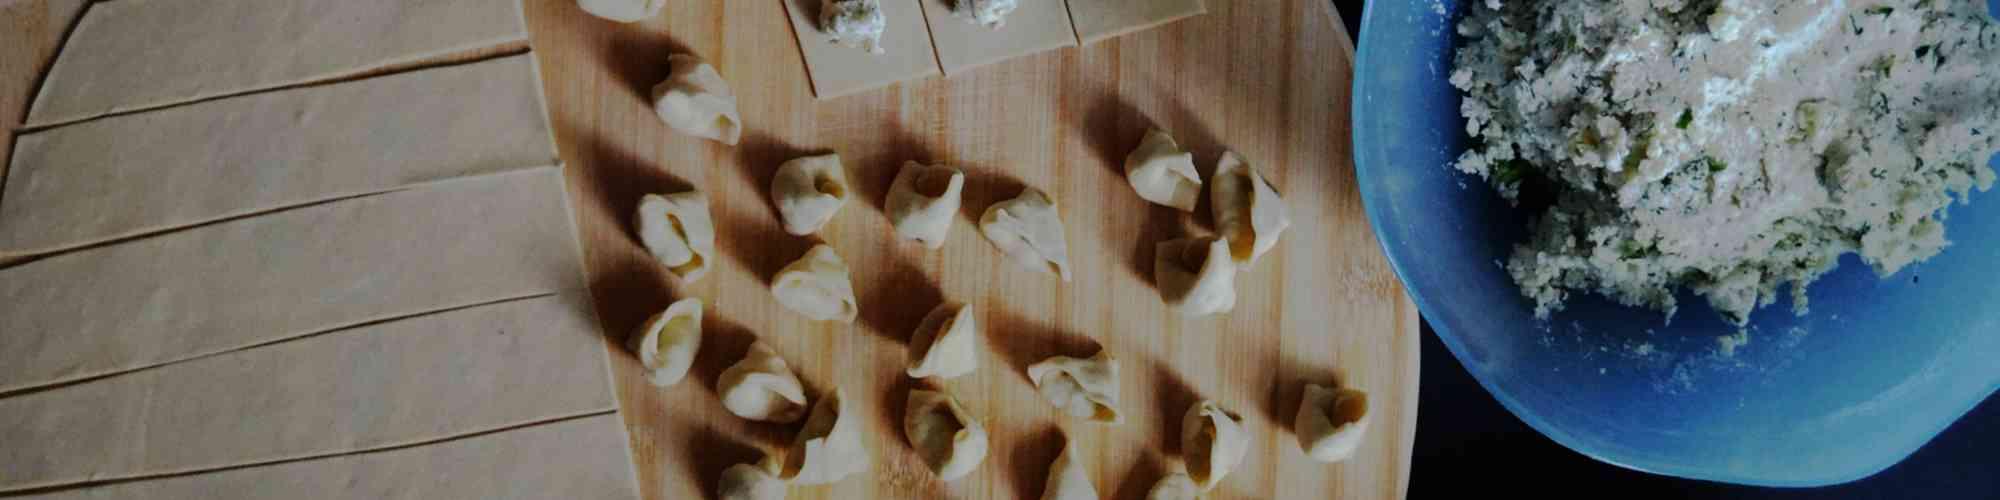 https://s3.amazonaws.com/ka-images-prod/mastheads/making-tortellini.jpeg